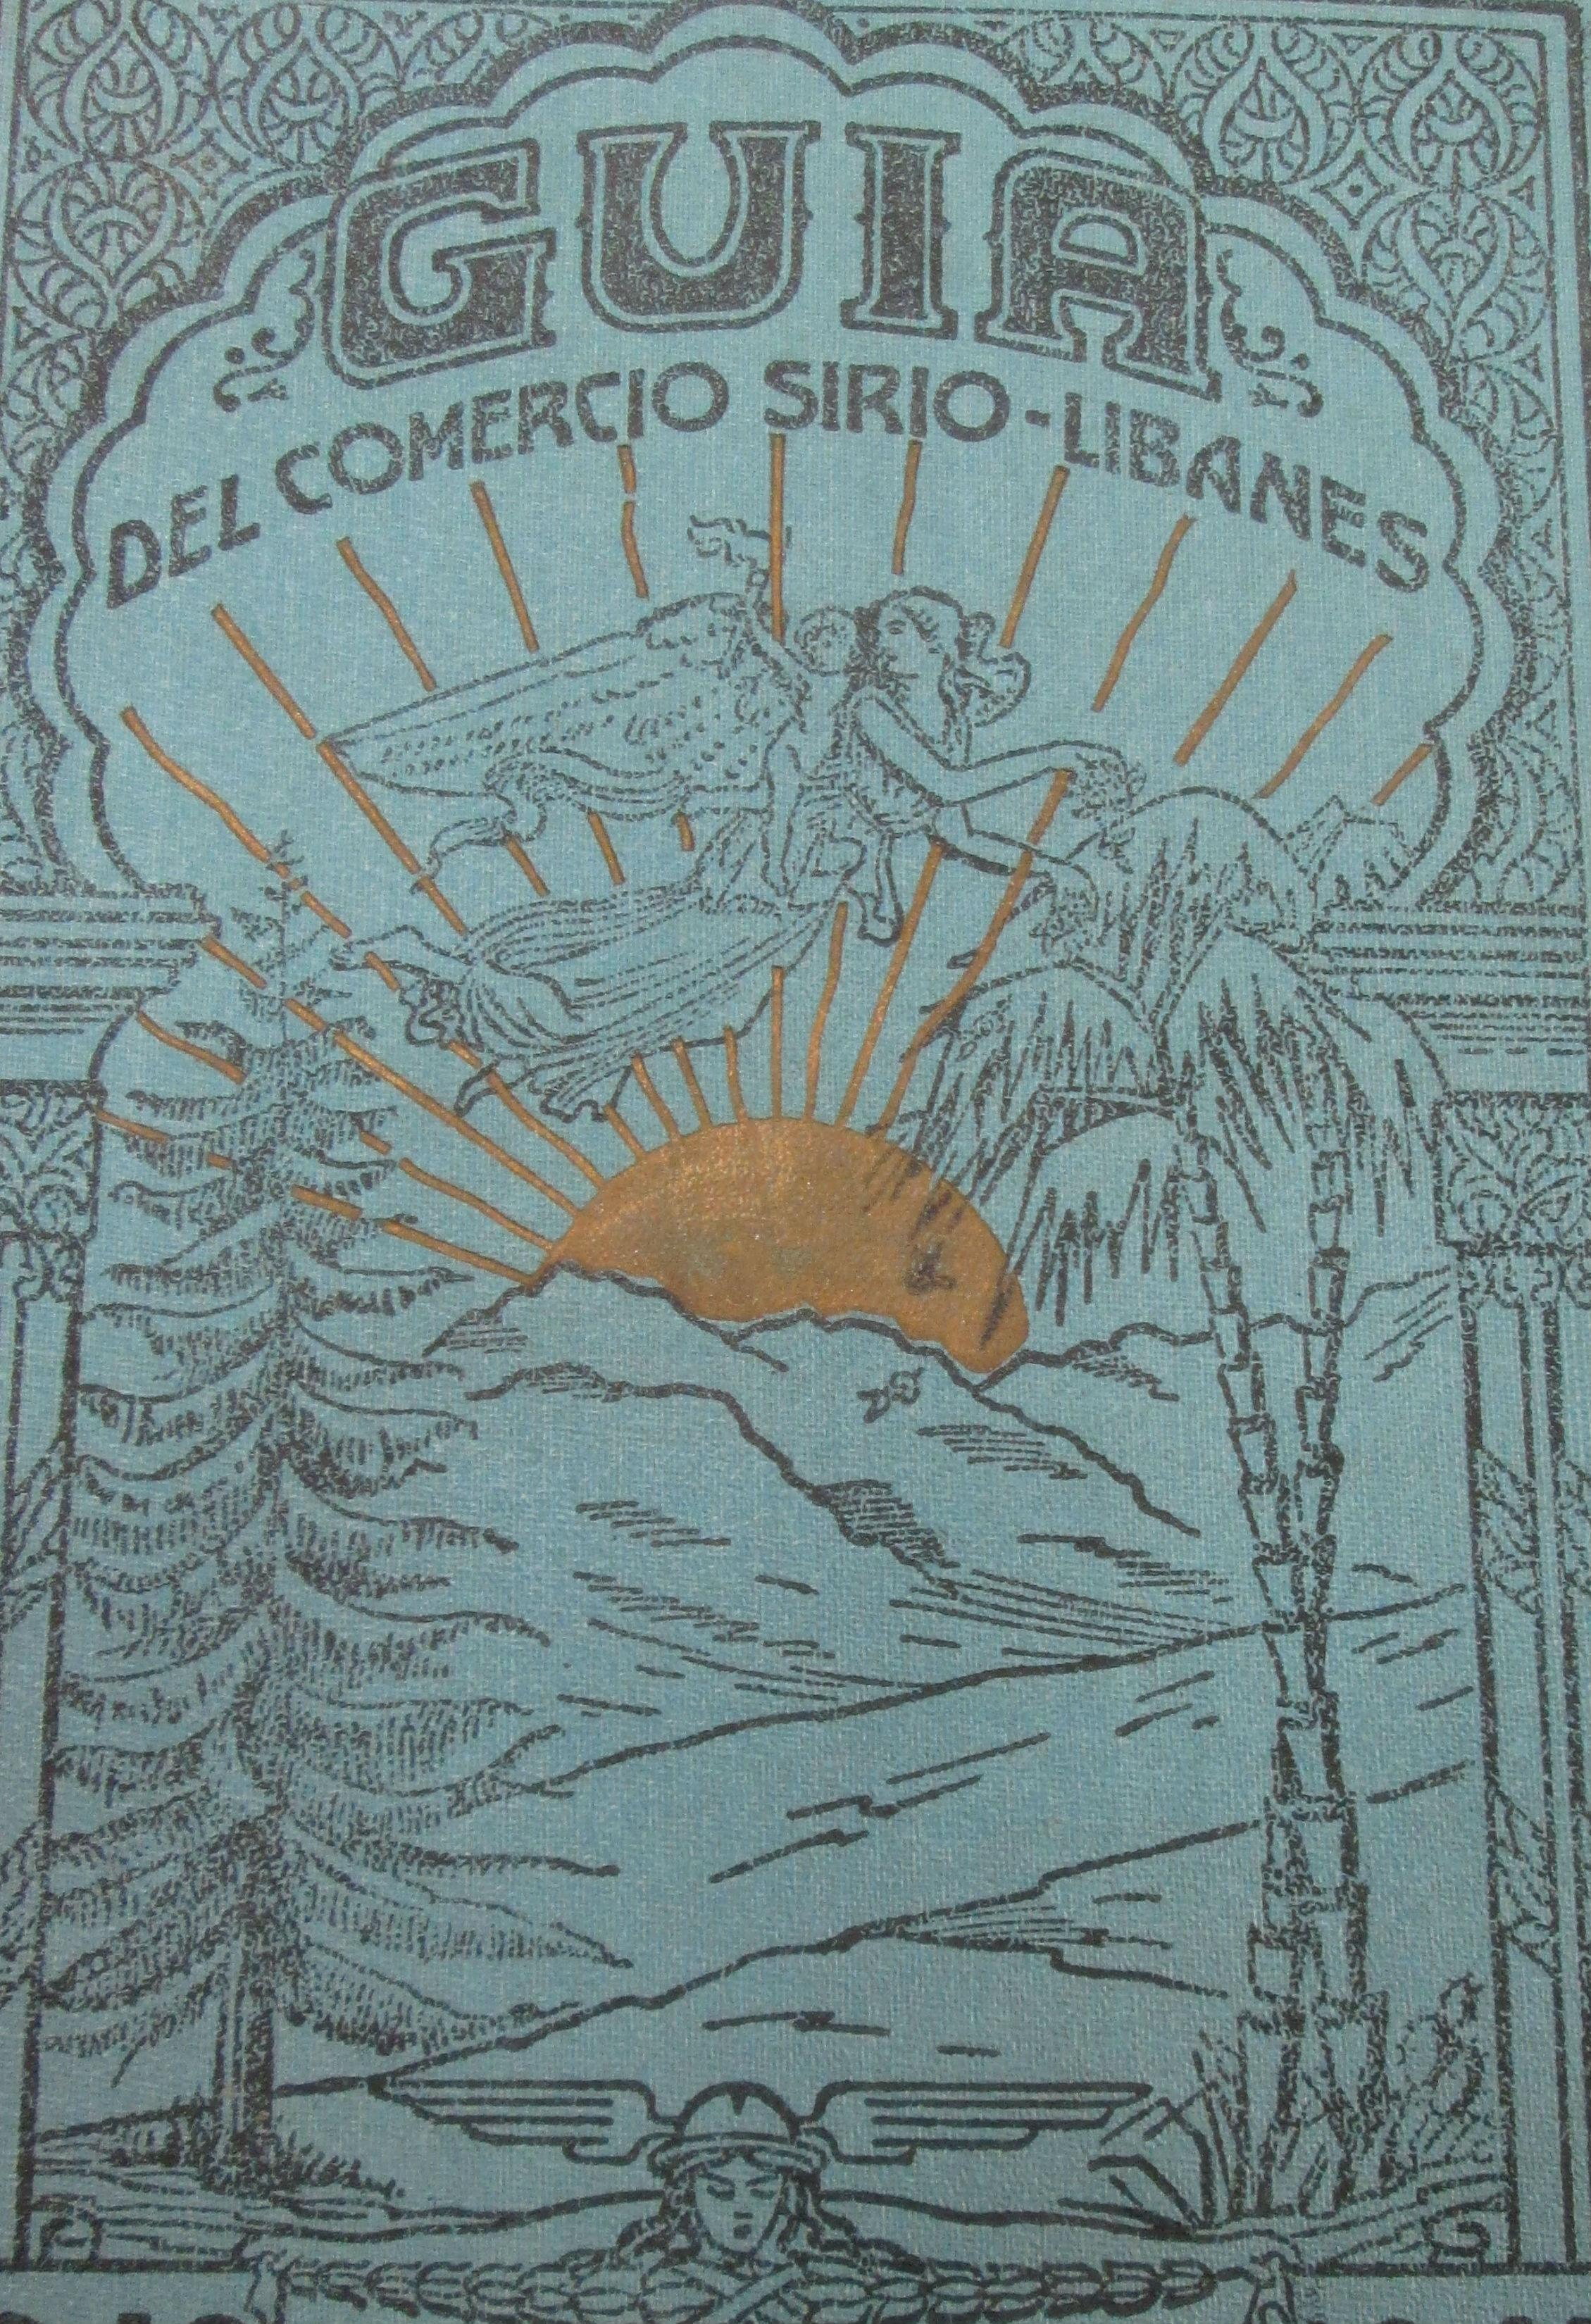 Constantino's 1942 Guía de Comercio Sírio Libanés